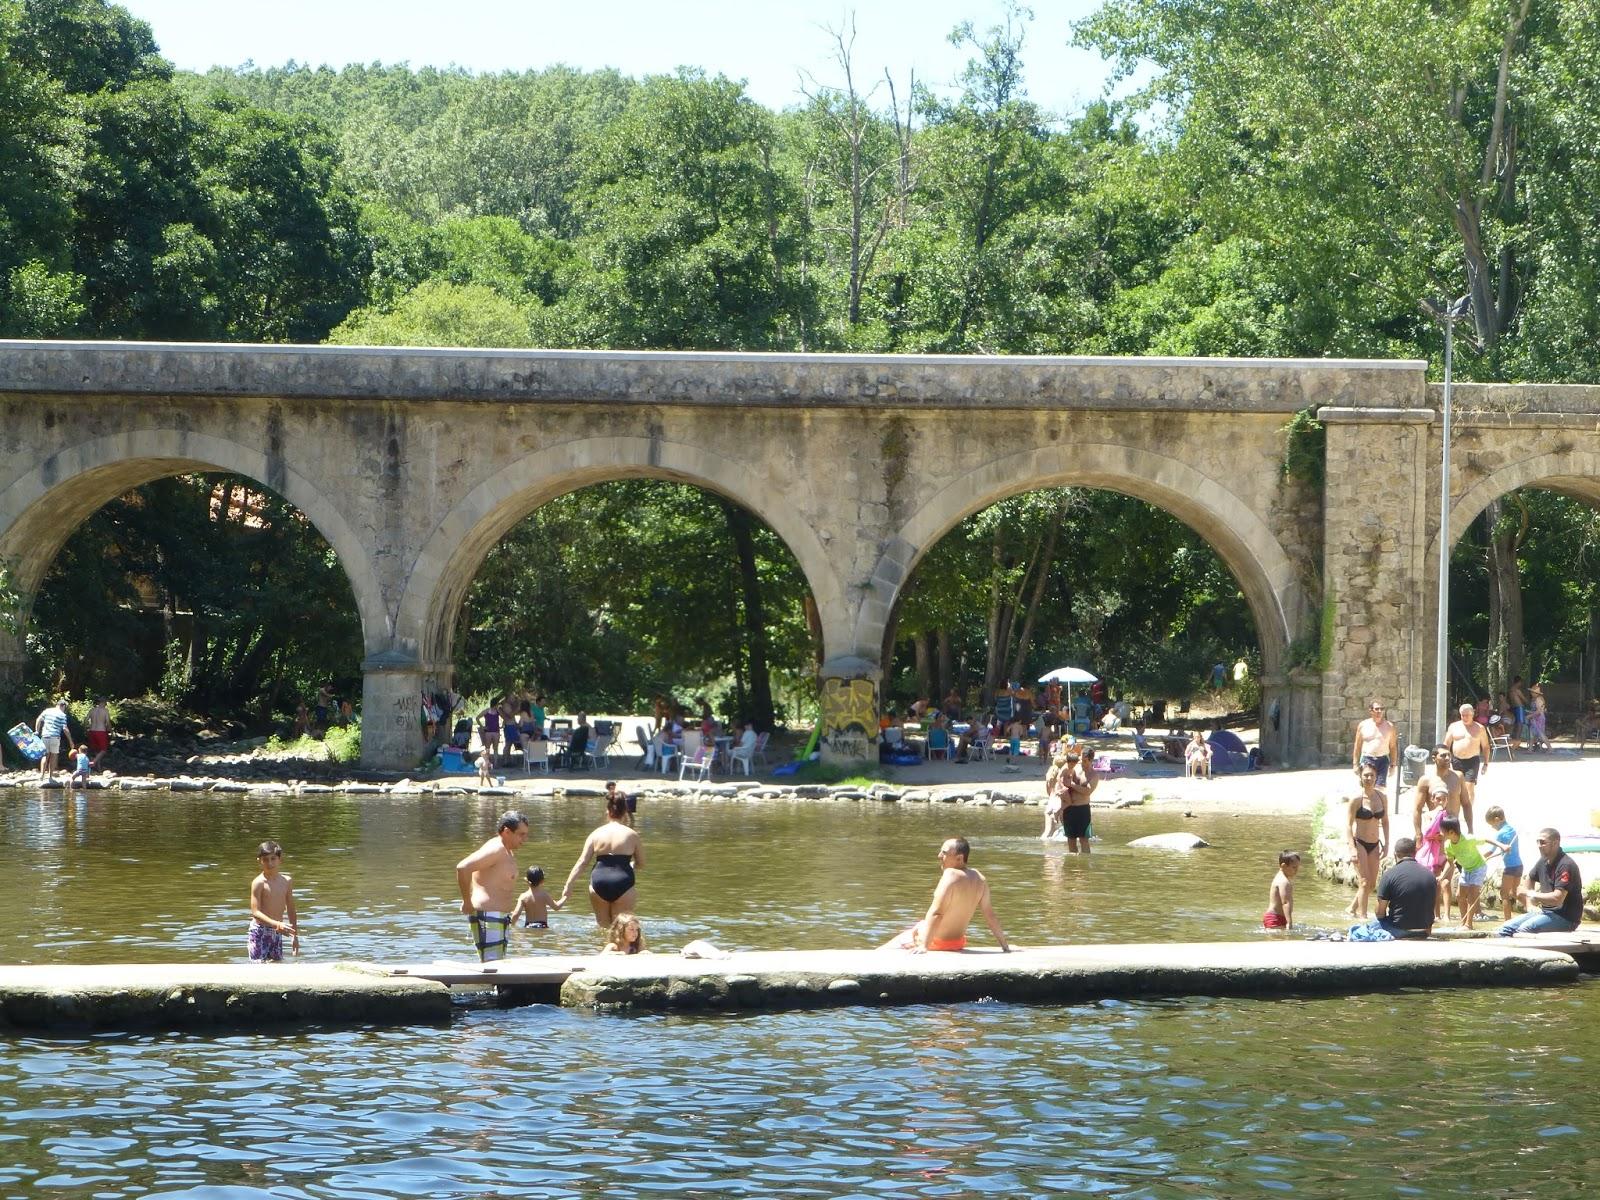 Carretera y manta viajes y caminatas piscinas naturales for Piscinas naturales jaraiz de la vera